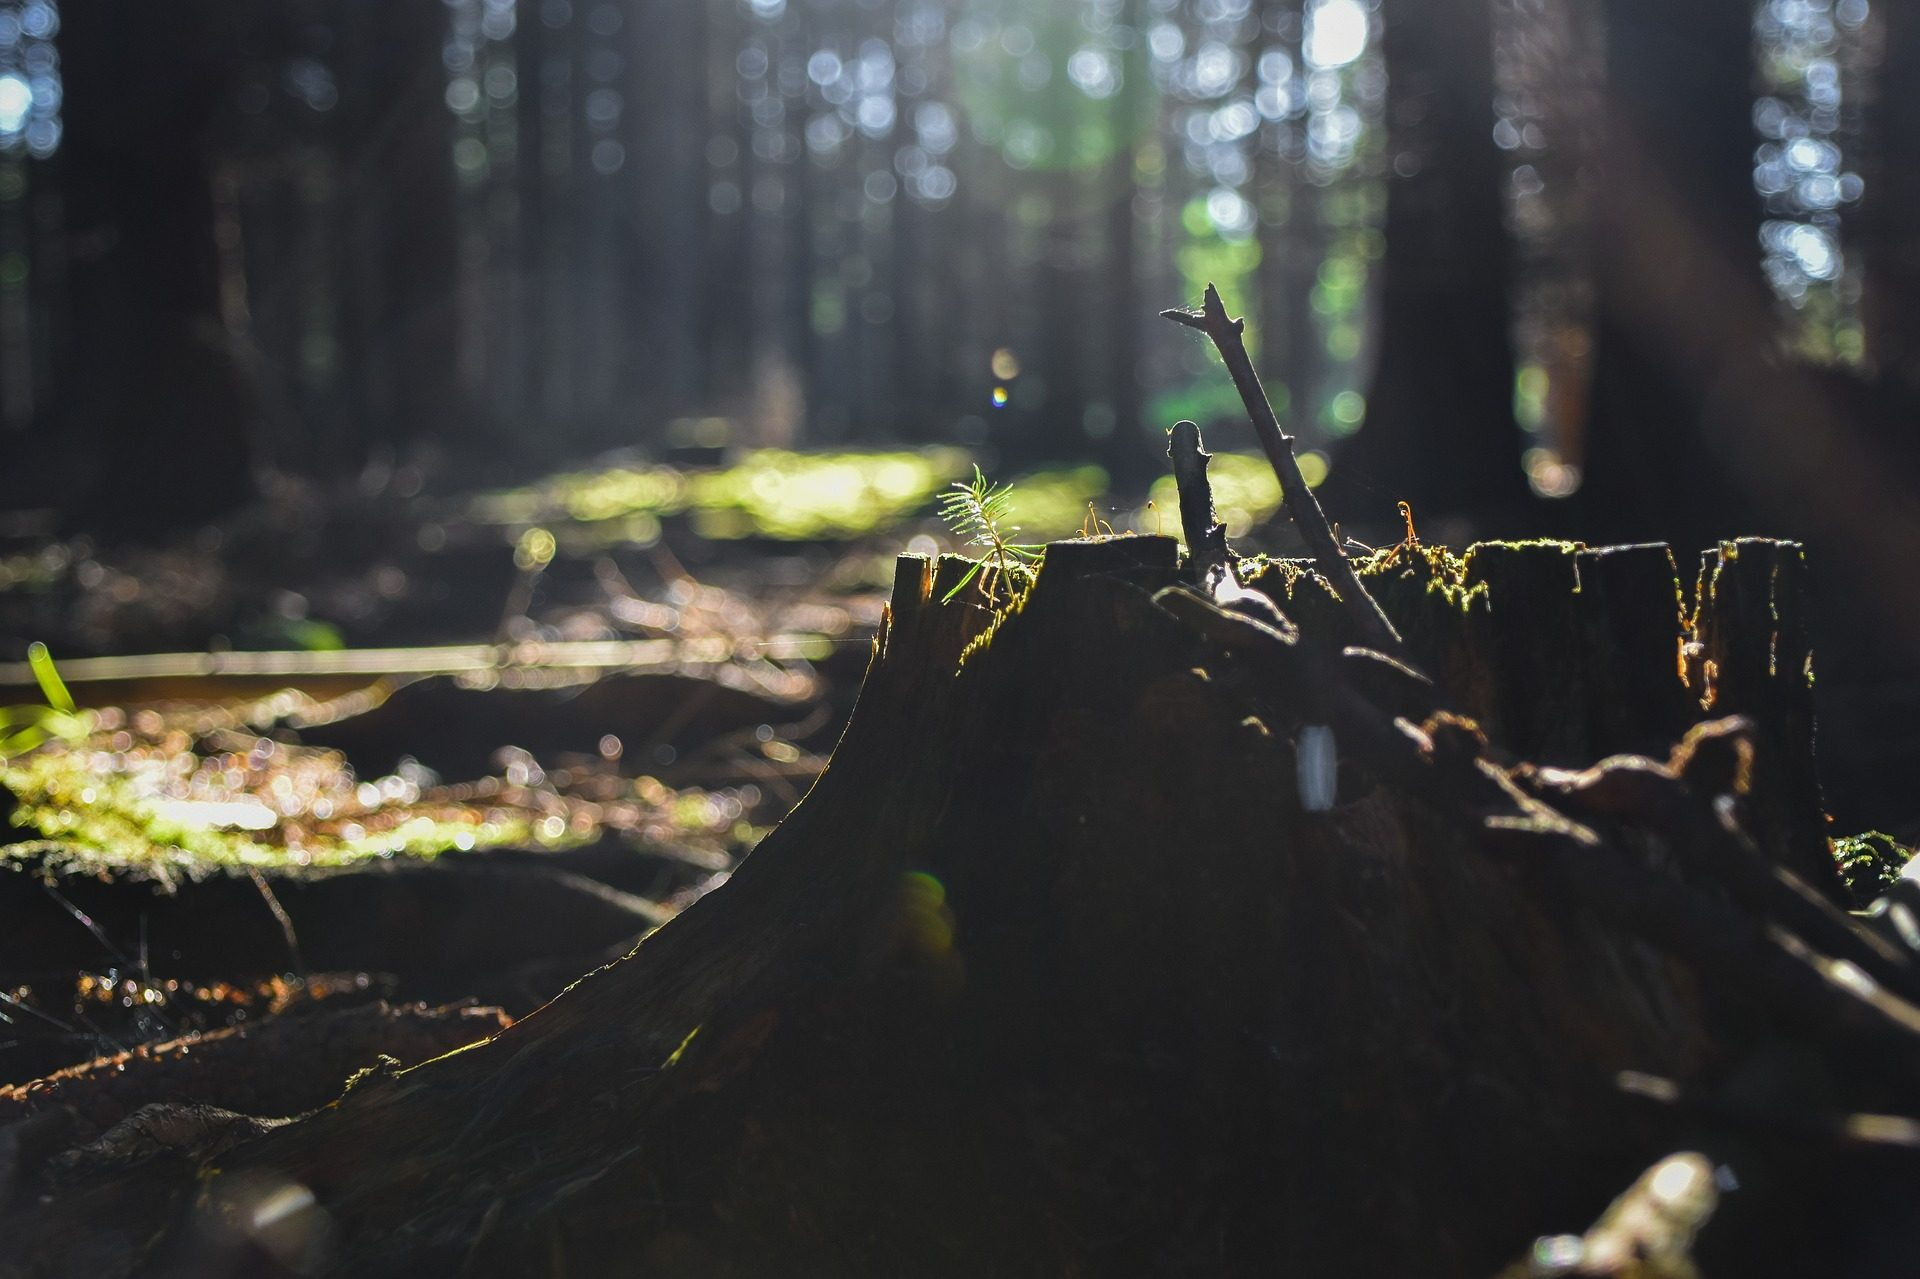 Baum, Stamm, Holzschlag, Wald, Vegetation - Wallpaper HD - Prof.-falken.com